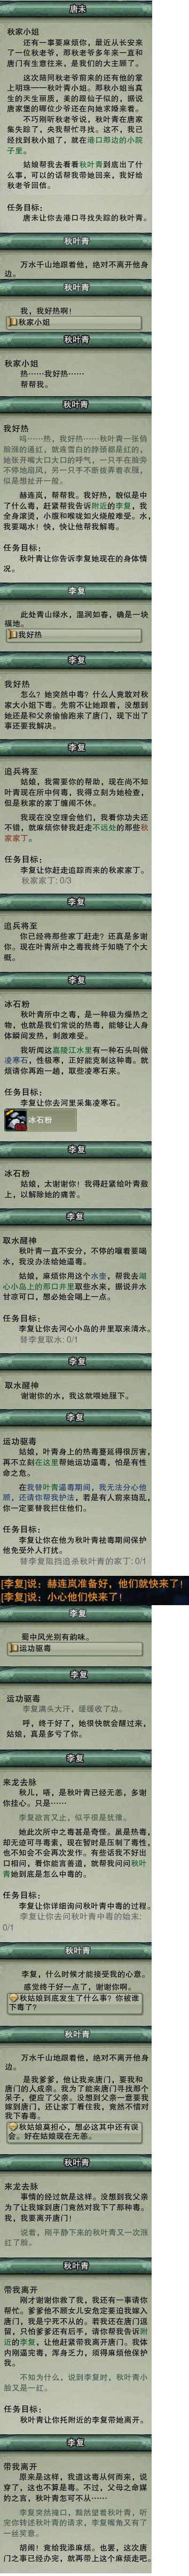 主线任务04 - 秋叶青支线.jpg